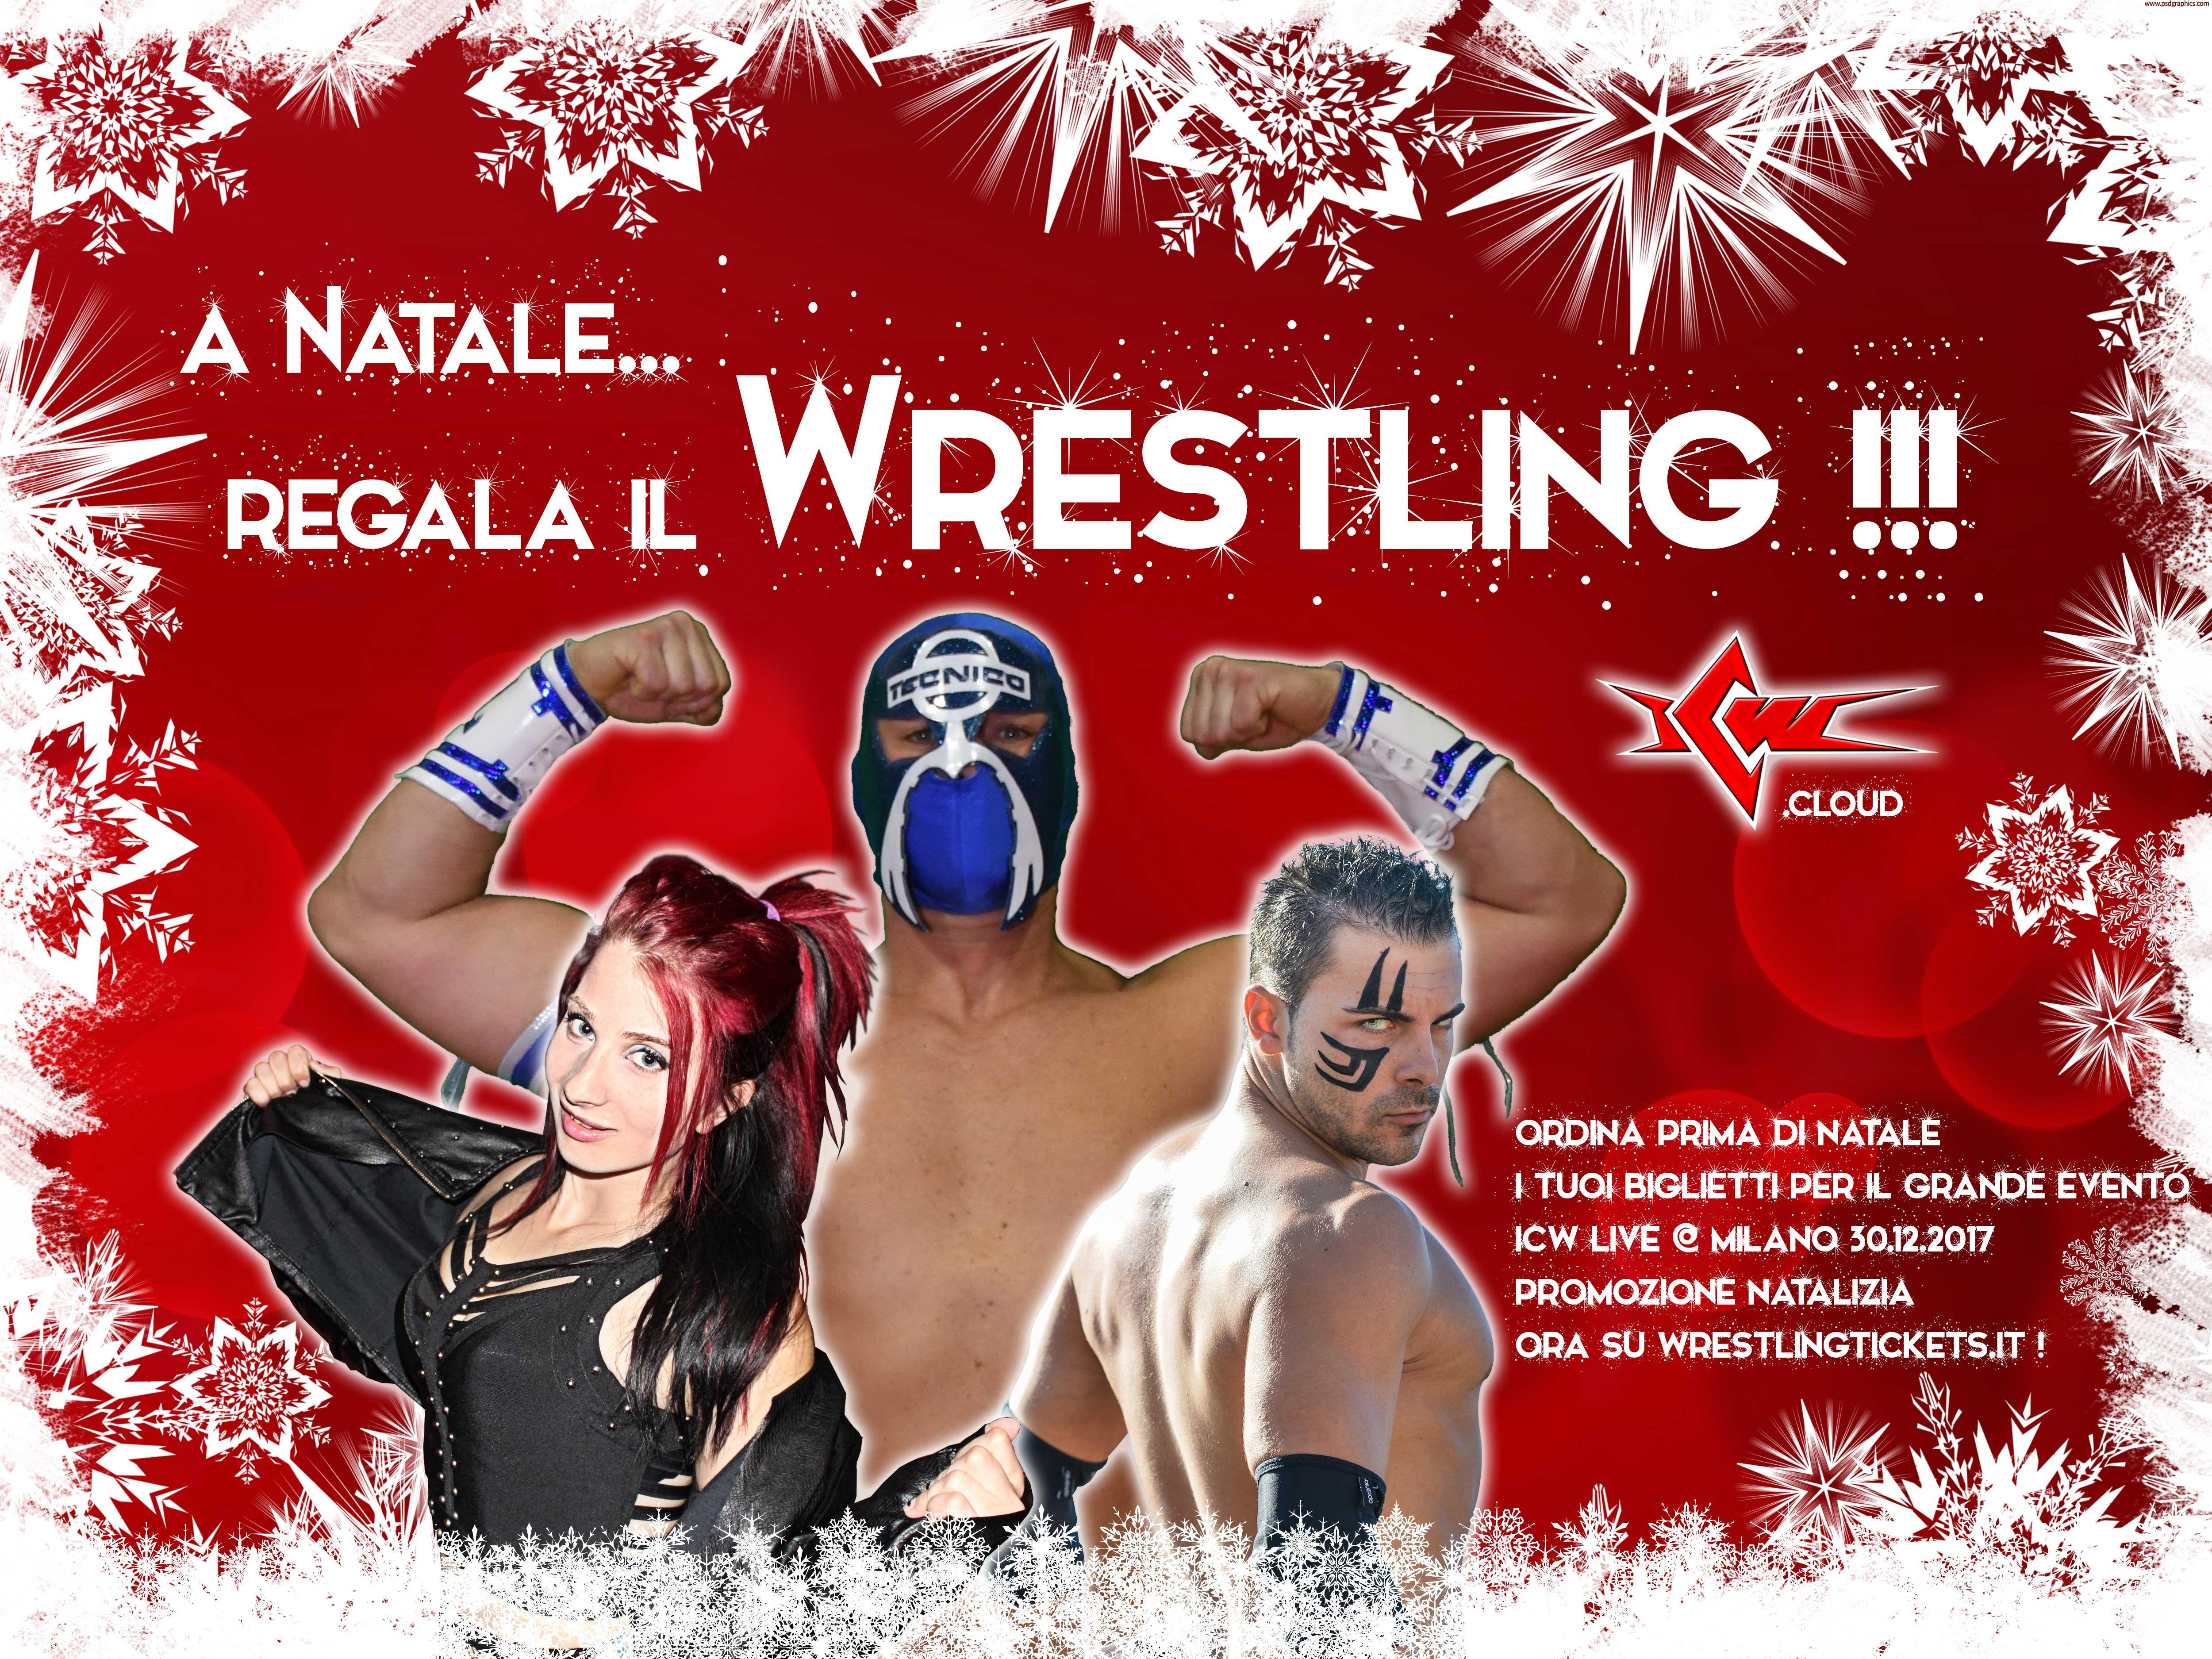 A Natale regala il Grande Wrestling ICW!